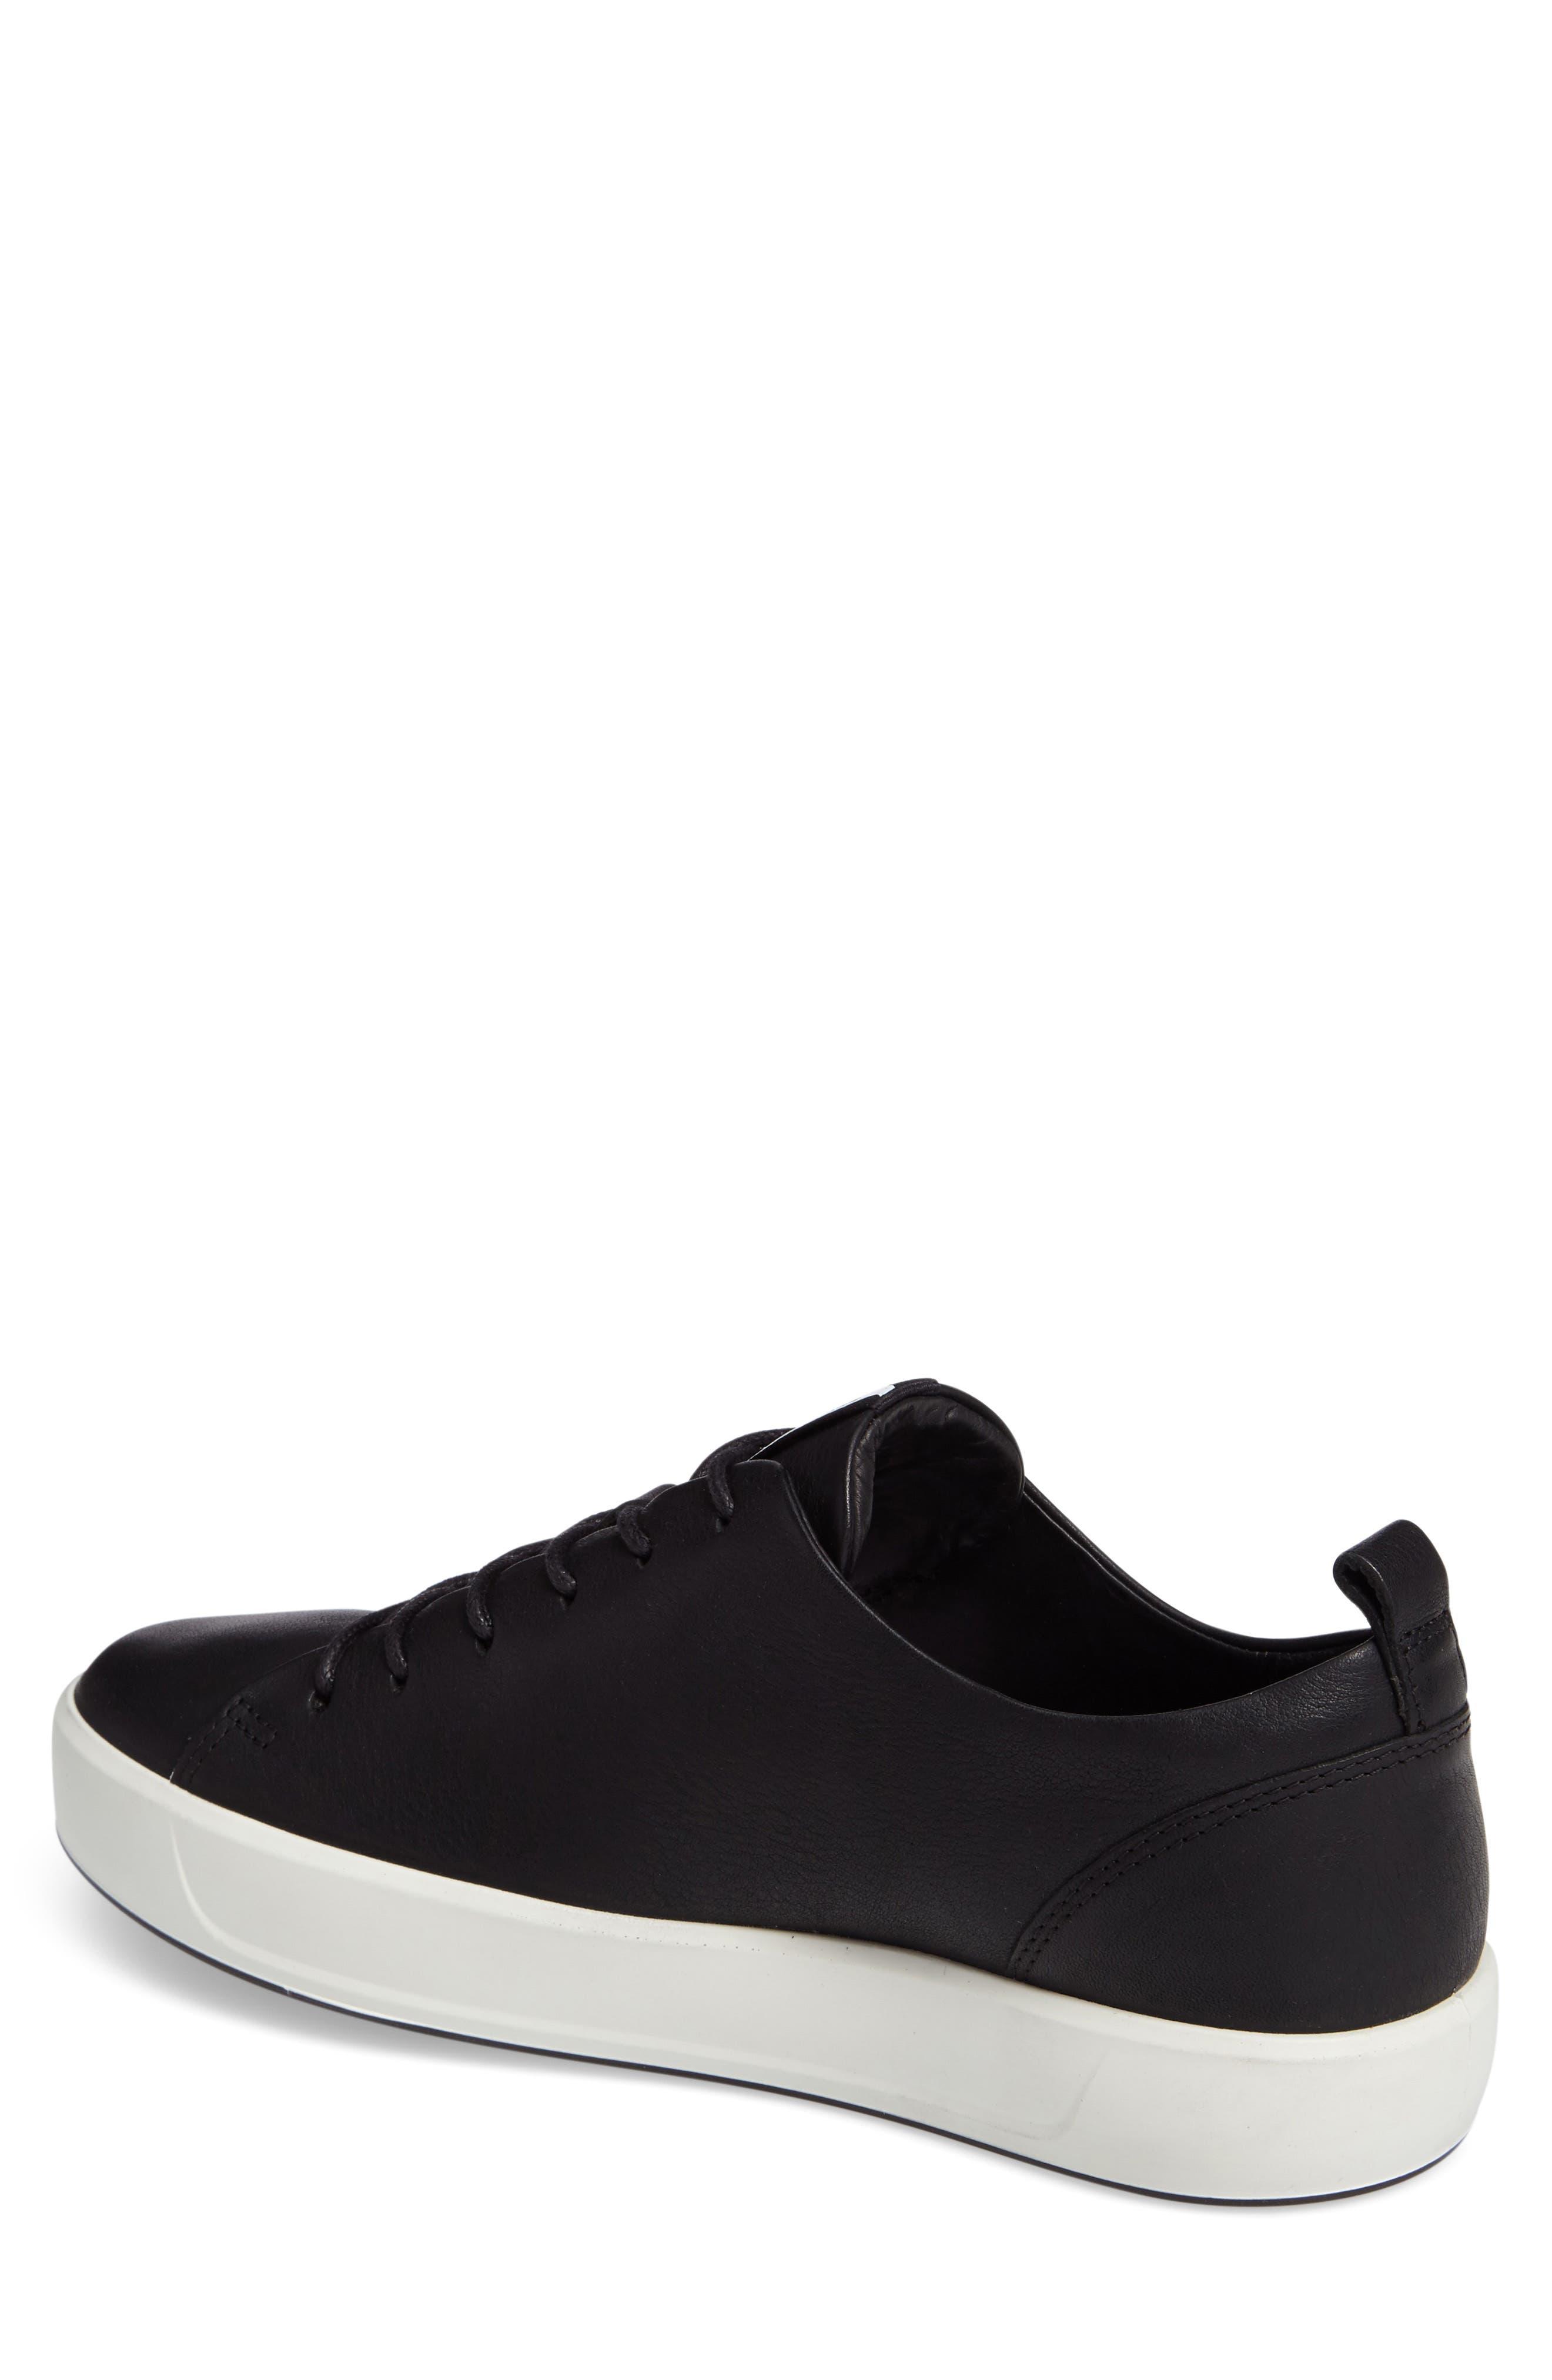 Soft 8 Sneaker,                             Alternate thumbnail 2, color,                             BLACK